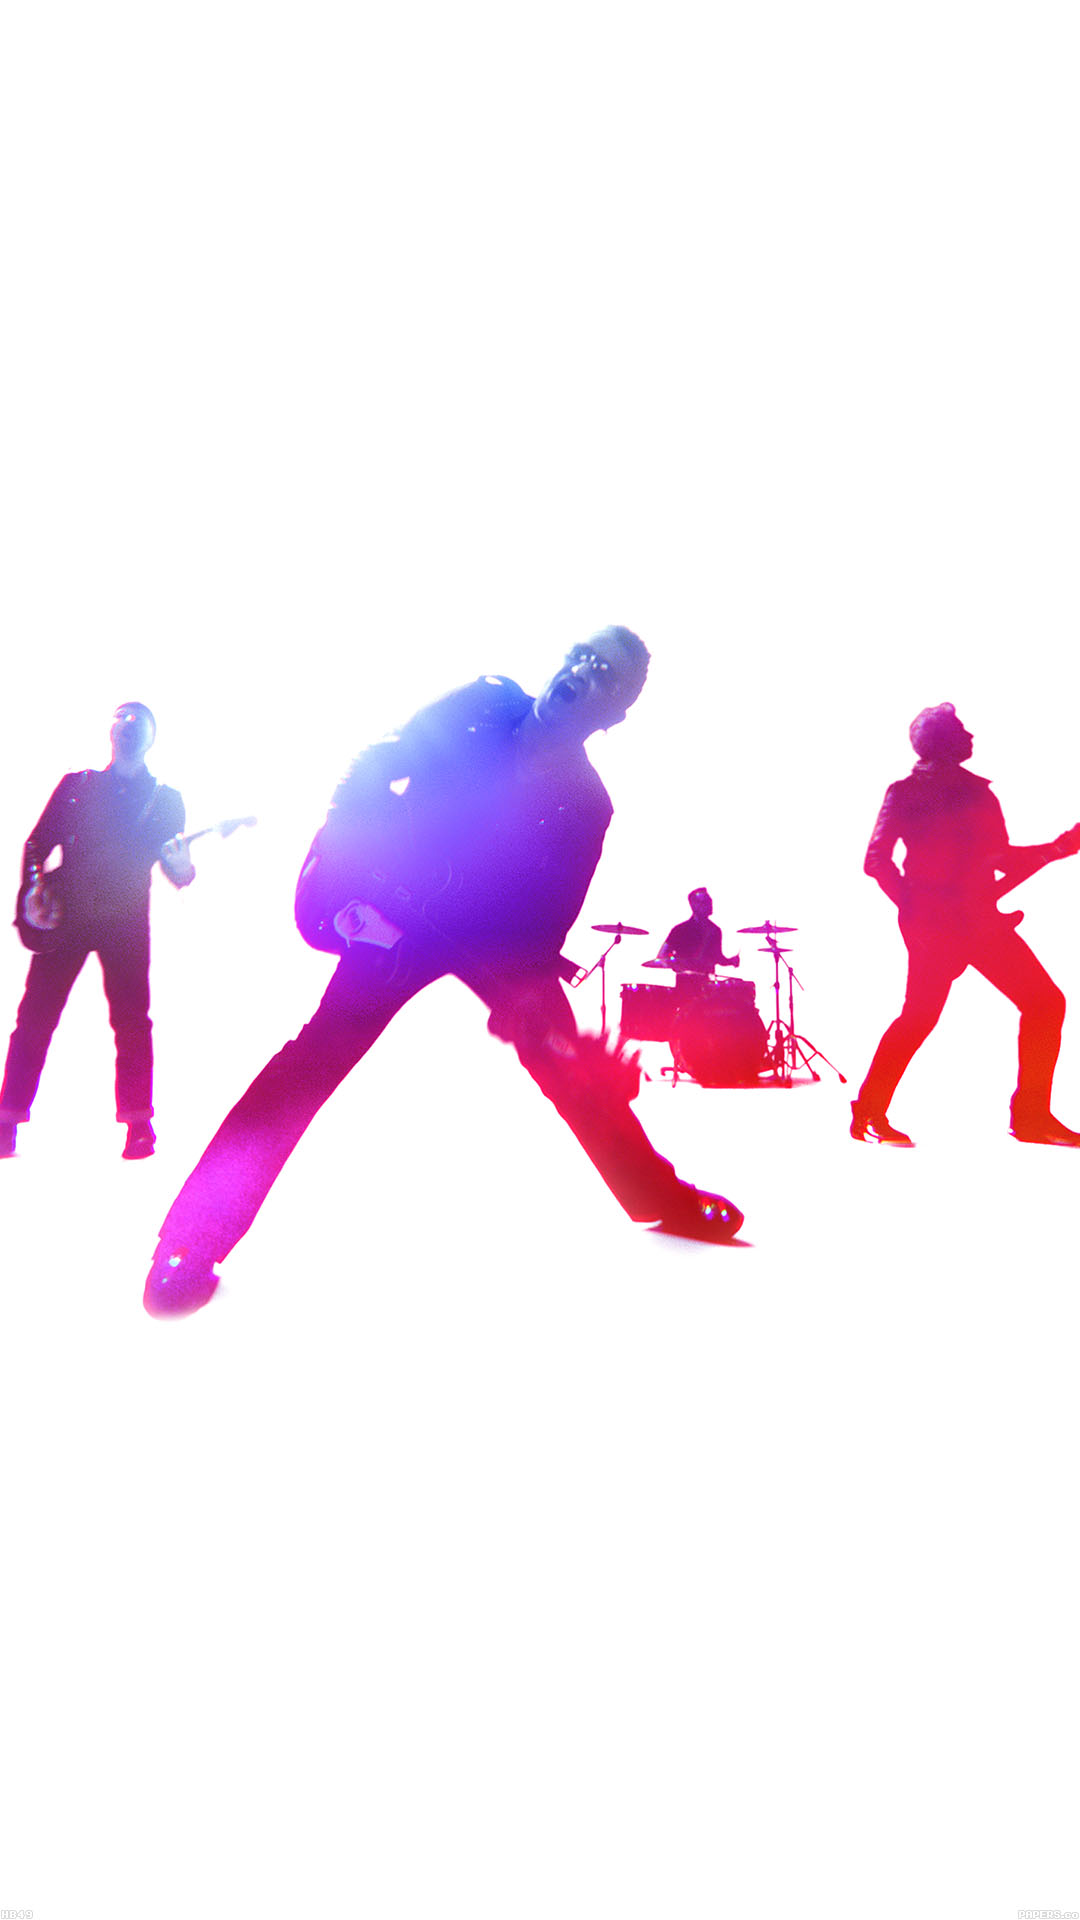 Good Wallpaper Music Violet - U2-Free-Music-White  Snapshot_866290.jpg